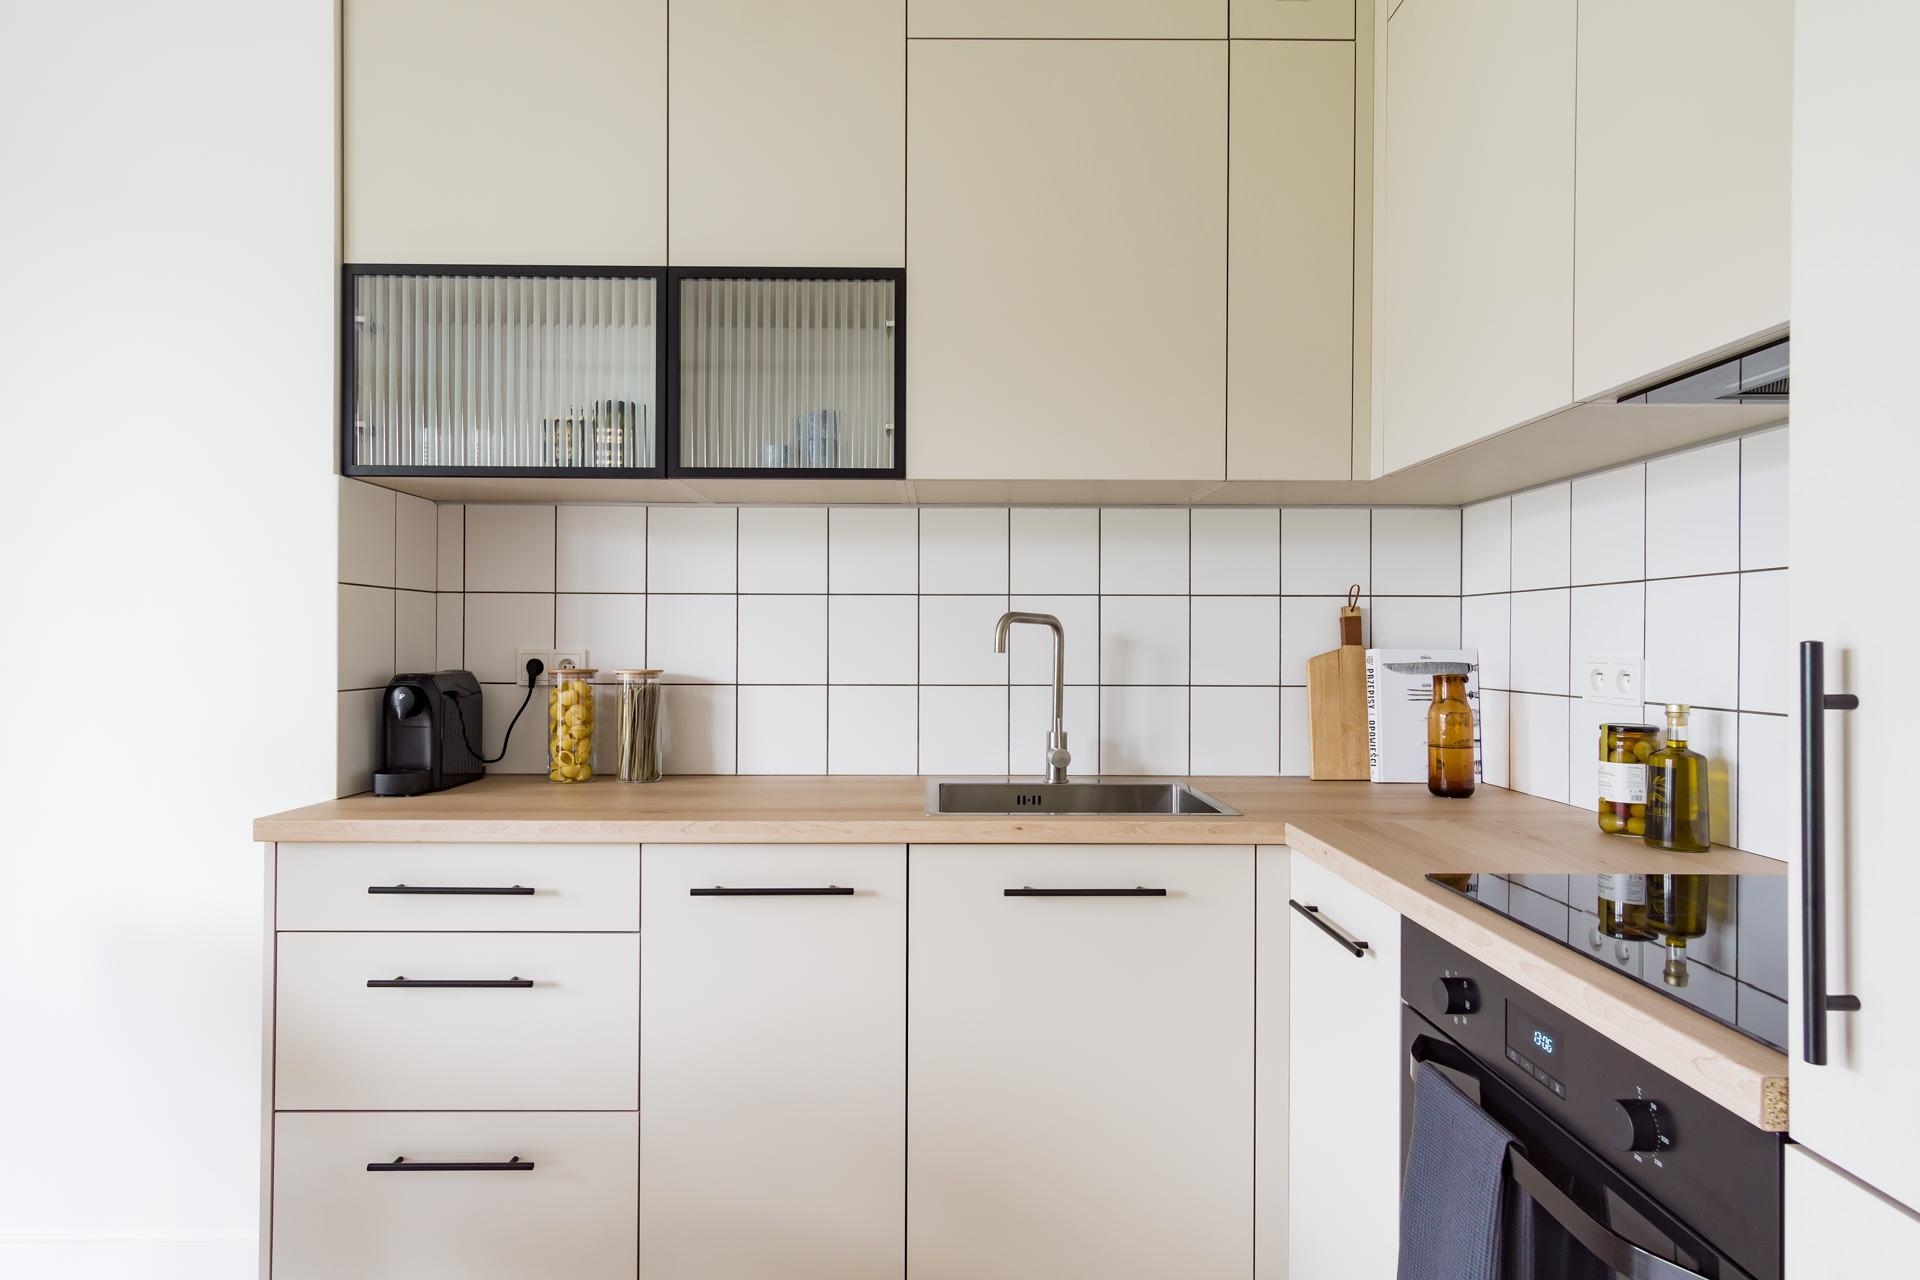 zdjęcia mieszkania -kuchnia